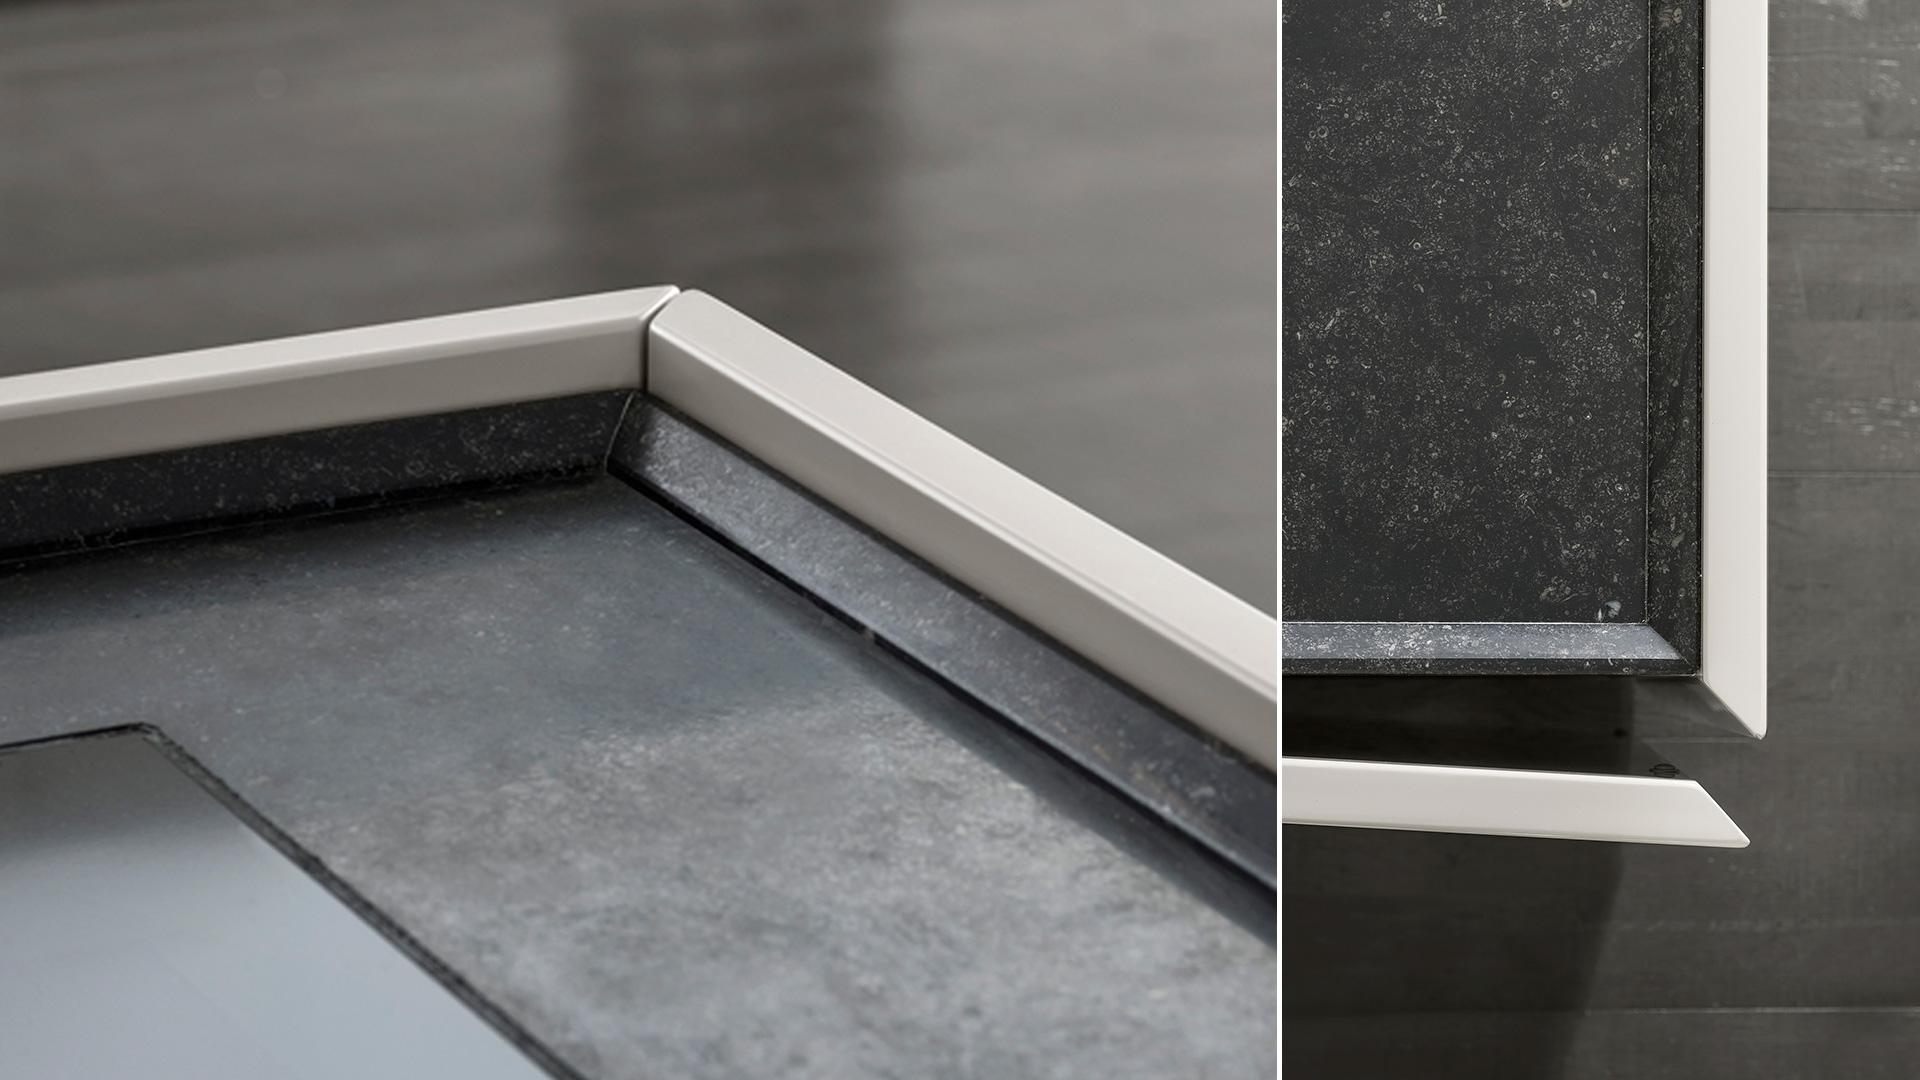 Cucina design con penisola composizione D90+ - D90_brandsite-gallery_05